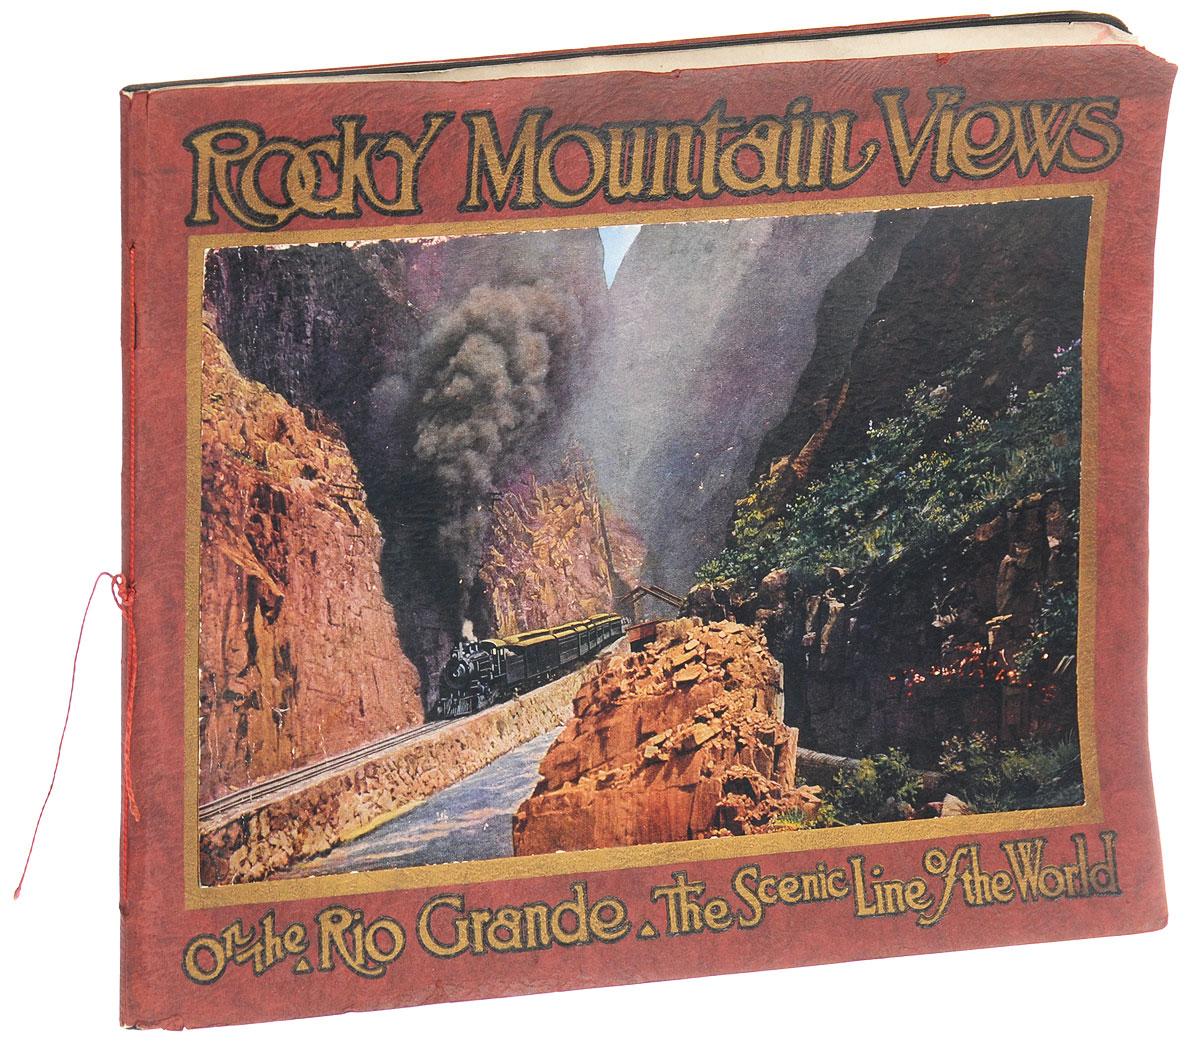 Rocky Mountain views. On the Rio Grande, Scenic Line of the World1Денвер, 1917 год. Издательство The Smith-Brooks printing company. Типографская обложка. Сохранность хорошая. Роки-Маунтин - национальный парк США, находится к северо-западу от Боулдер в Колорадо. Он известен своими видами на Скалистые горы, а также своей фауной и флорой. Живописные ландшафты Скалистых гор завораживают и манят своей красотой. Тот, кто действительно любит горы, никогда не сможет удержаться при виде восхитительных горных пейзажей, кристально чистых рек и озер. Вниманию читателей предлагается альбом, в котором собраны 23 цветные фотографии с видами Скалистых гор в Роки-Маунтин. Не подлежит вывозу за пределы Российской Федерации.